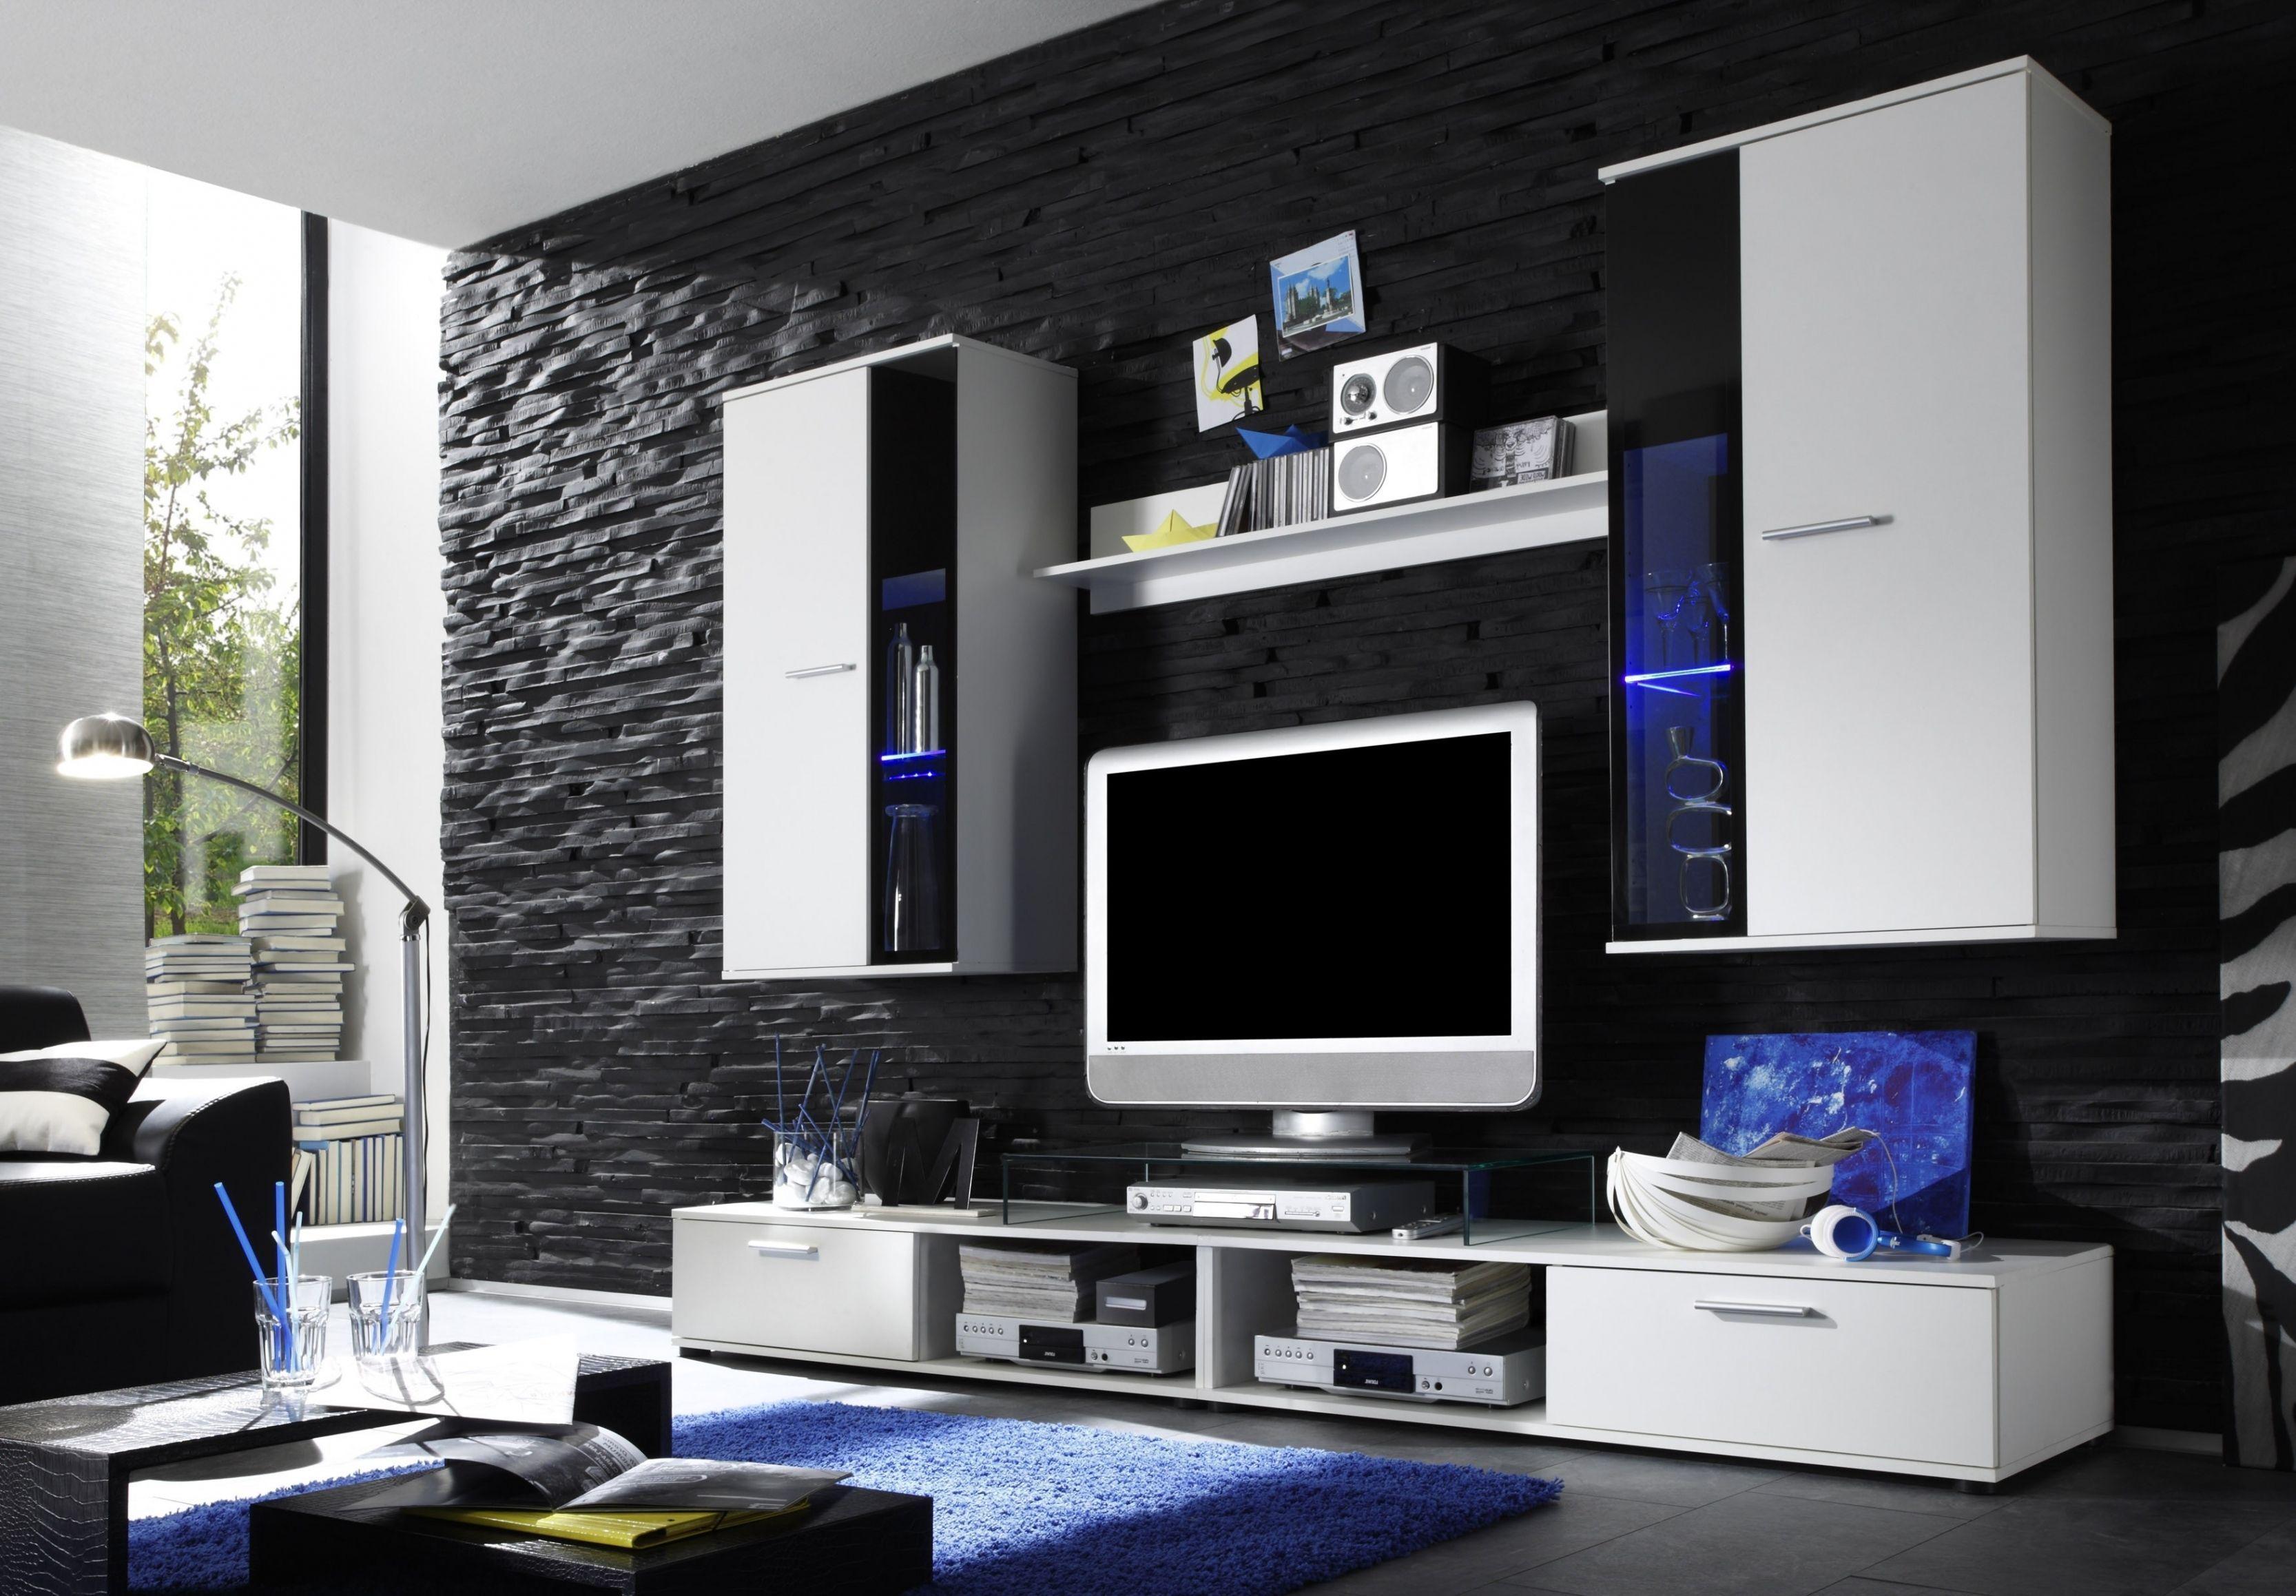 Wohnzimmer Einrichten Schwarz Weiss Ideen Zum Streichen Wohnzimmer